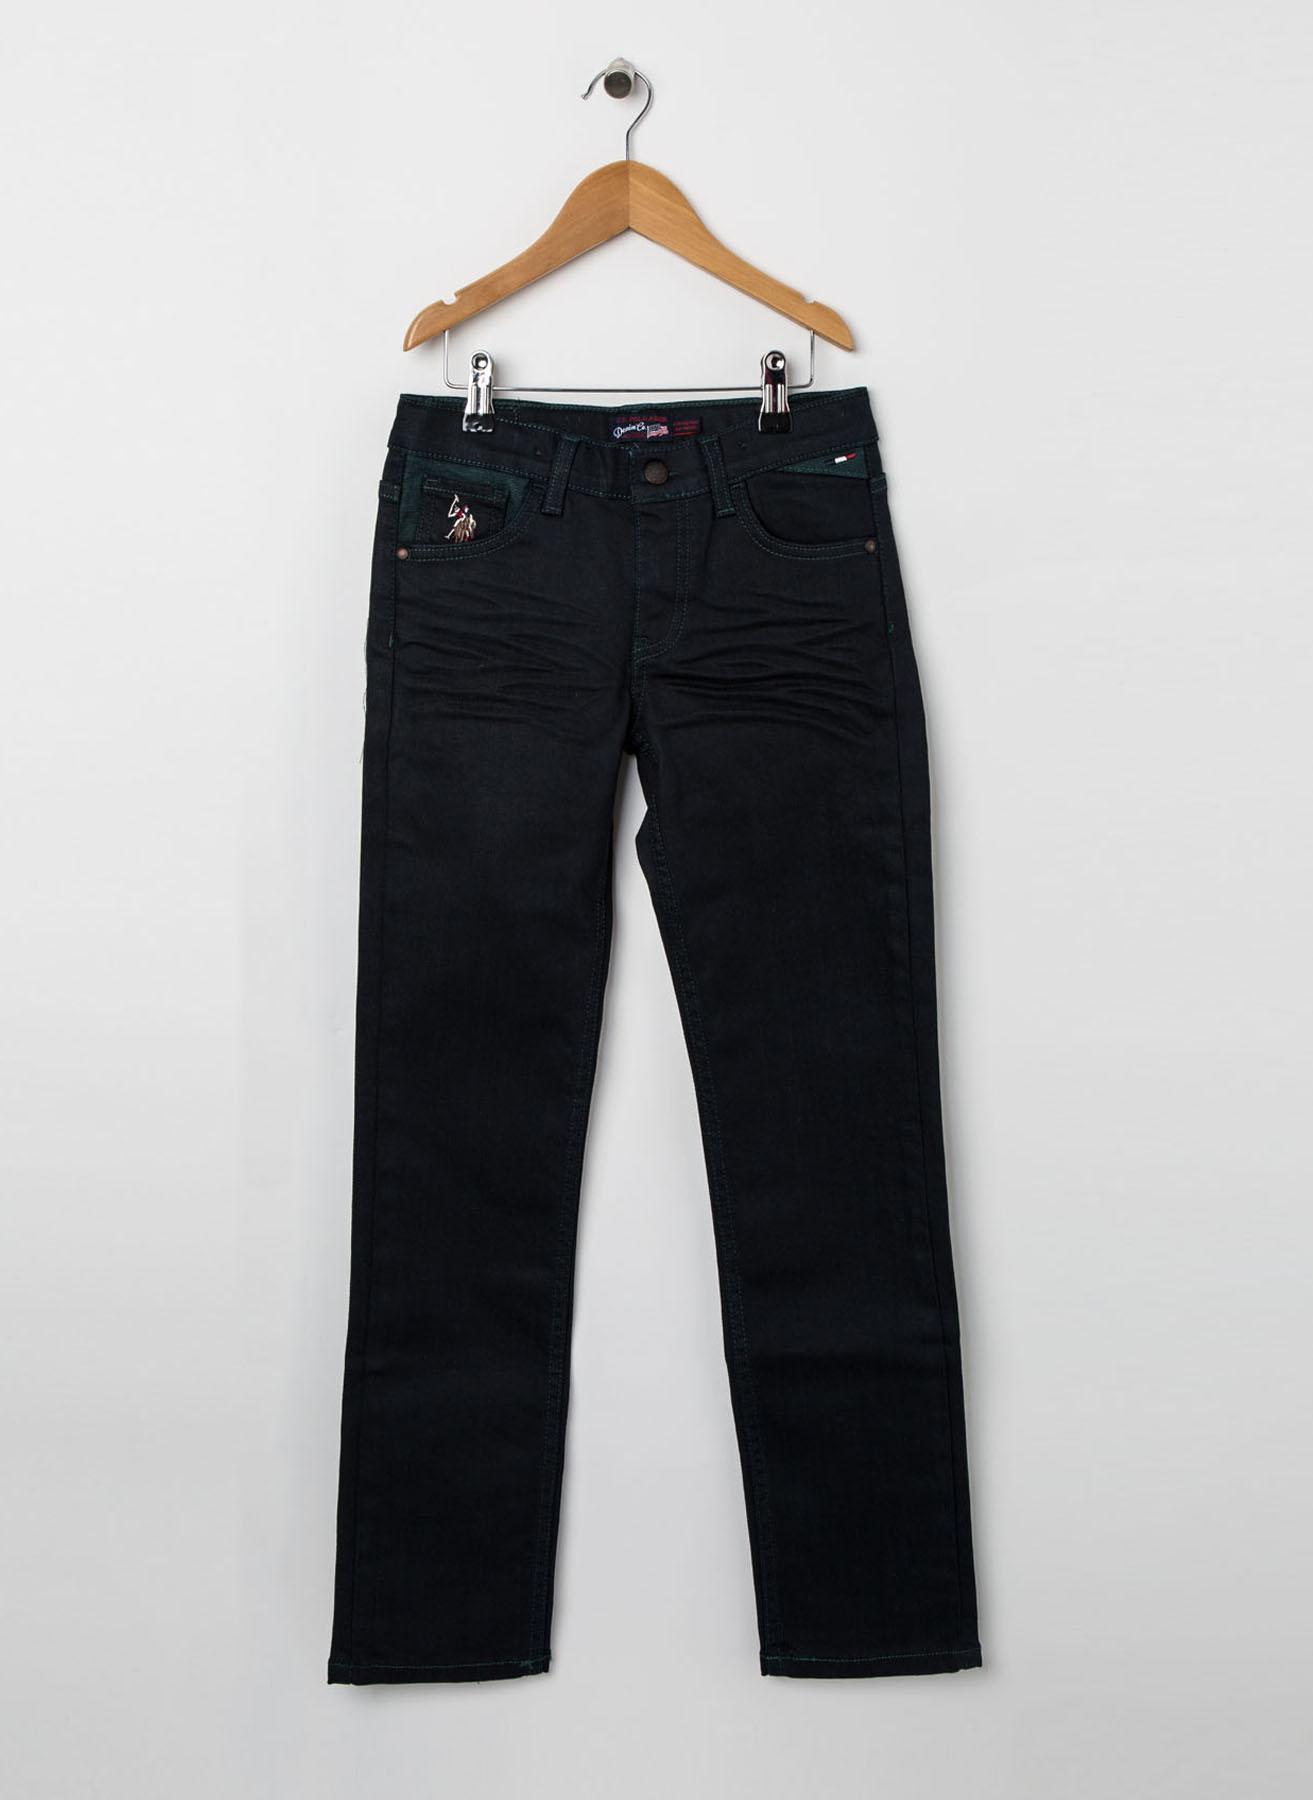 U.S. Polo Assn. Genç Erkek Colarado Yeşil Pantolon 4 Yaş 5001704509005 Ürün Resmi